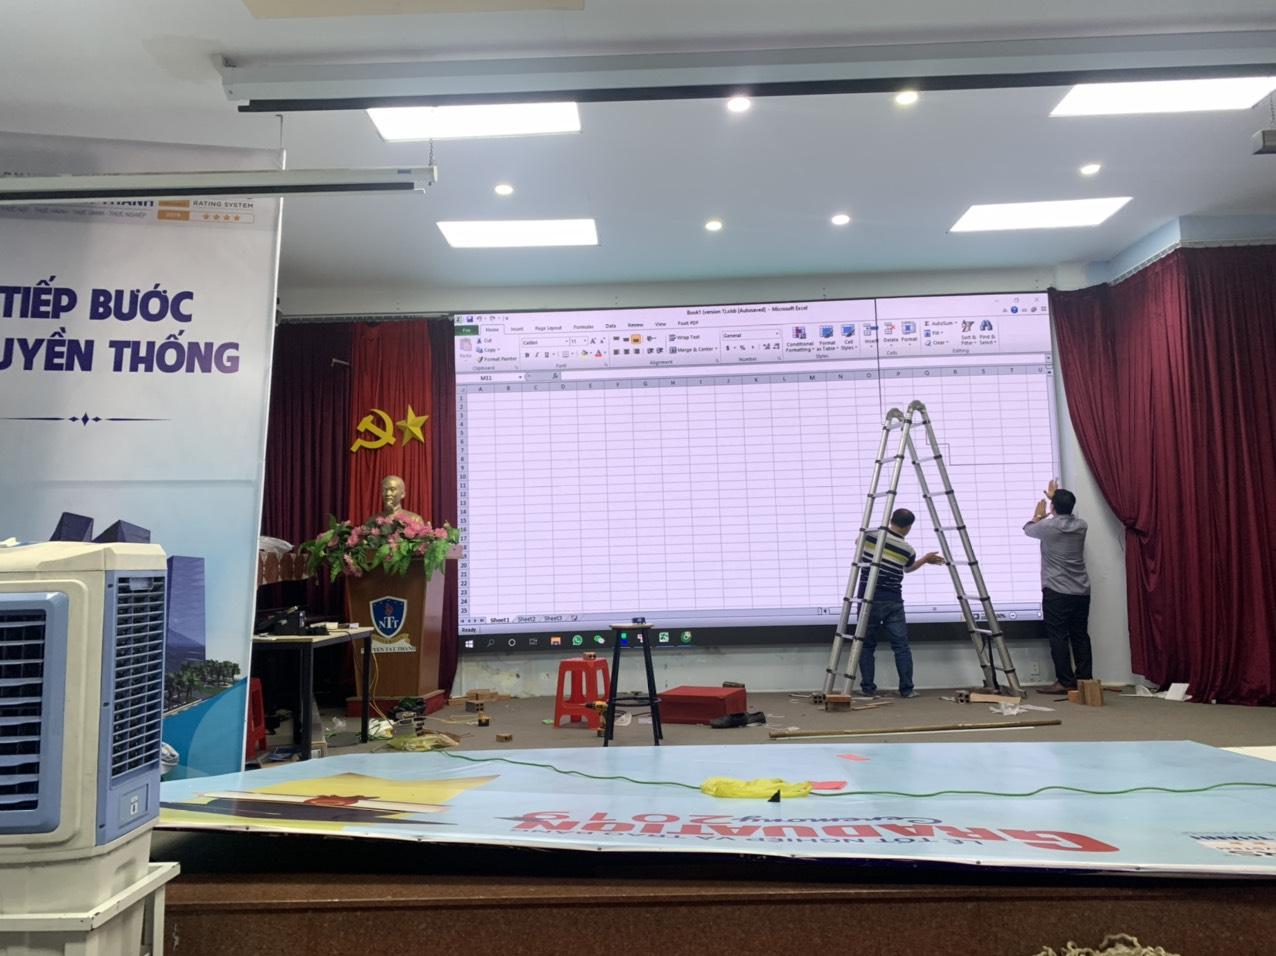 Bán màn hình led p2 trong nhà tại Hồ Chí Minh